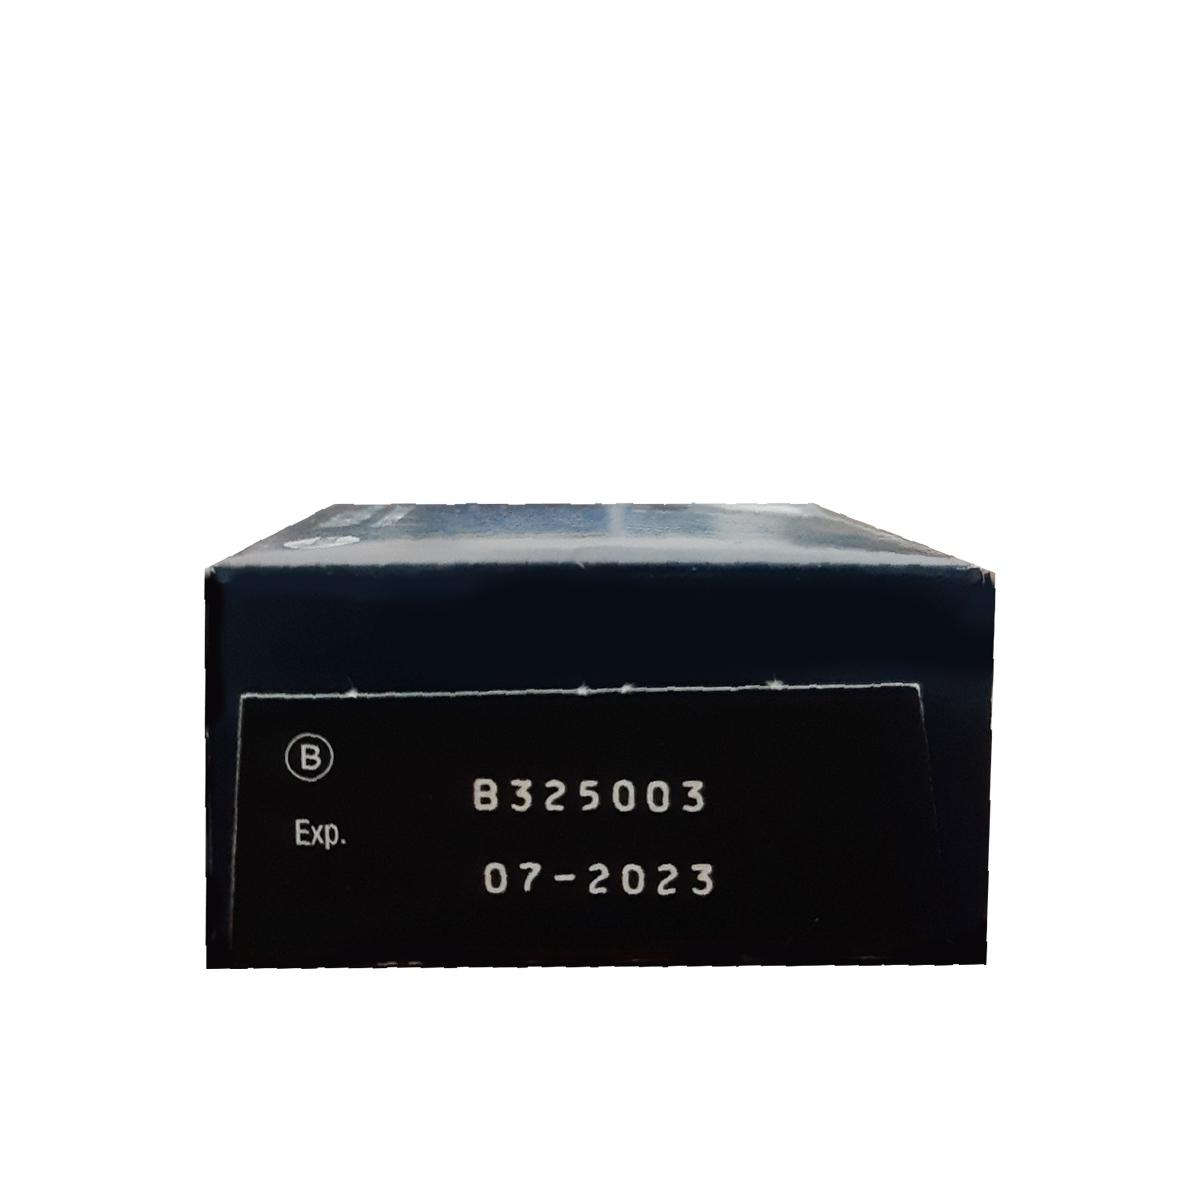 Thuốc cường dương Viagra Sildenafil 100mg AUST R64436